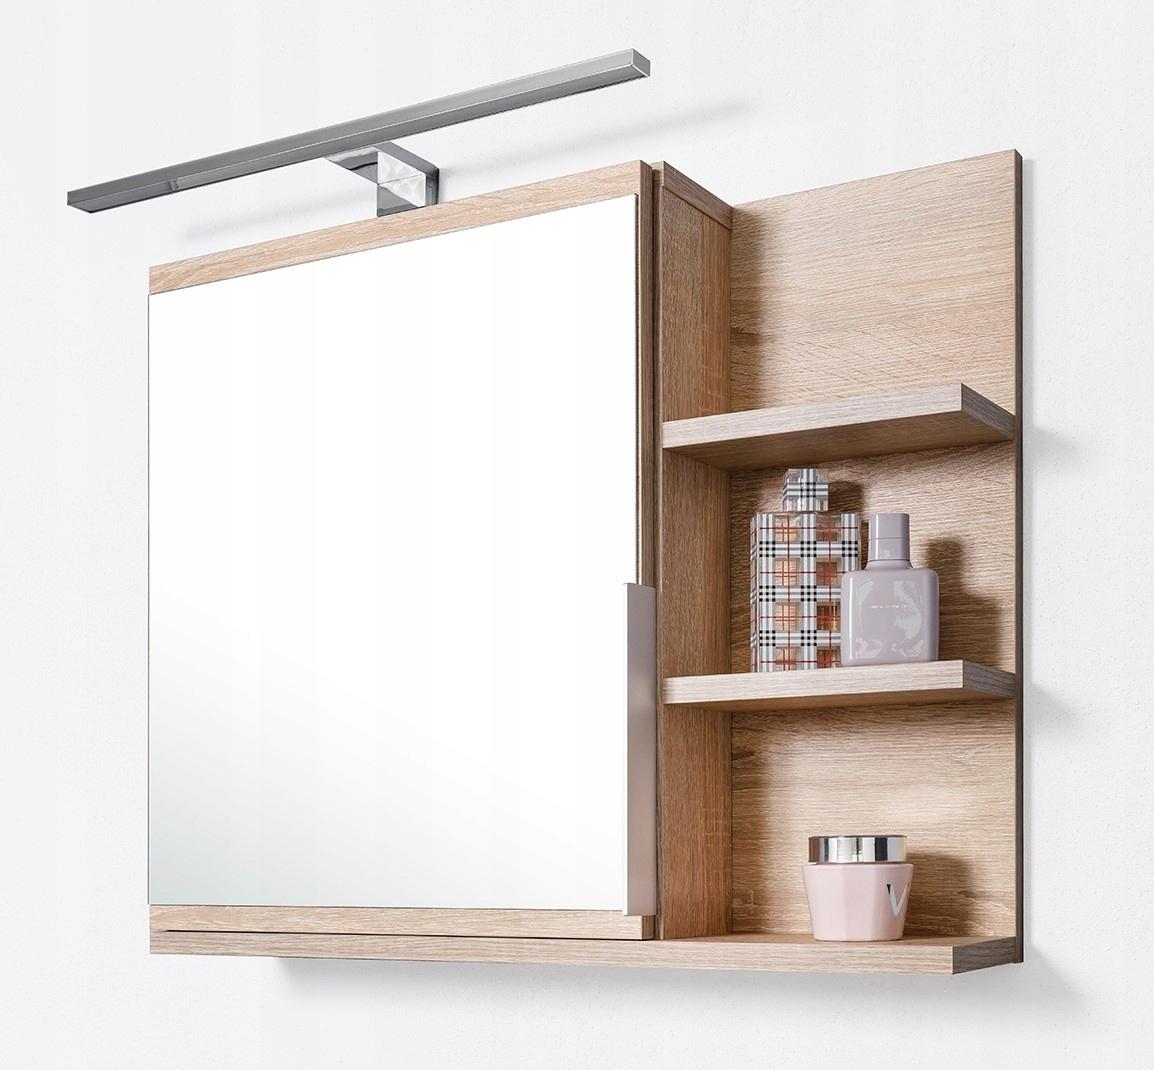 Szafka z lustrem, szafka łazienkowa, LED, sonoma